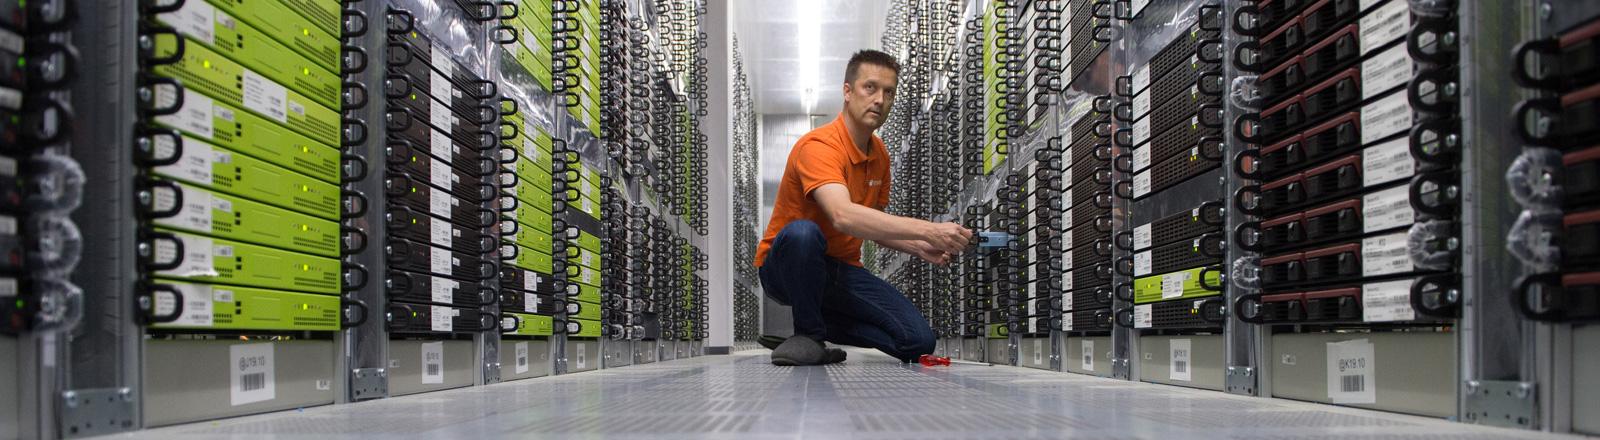 Der Leiter des Rechenzentrums der Strato AG, Andrej Kaiser, kniet am 03.07.2015 in Berlin zwischen Servern.